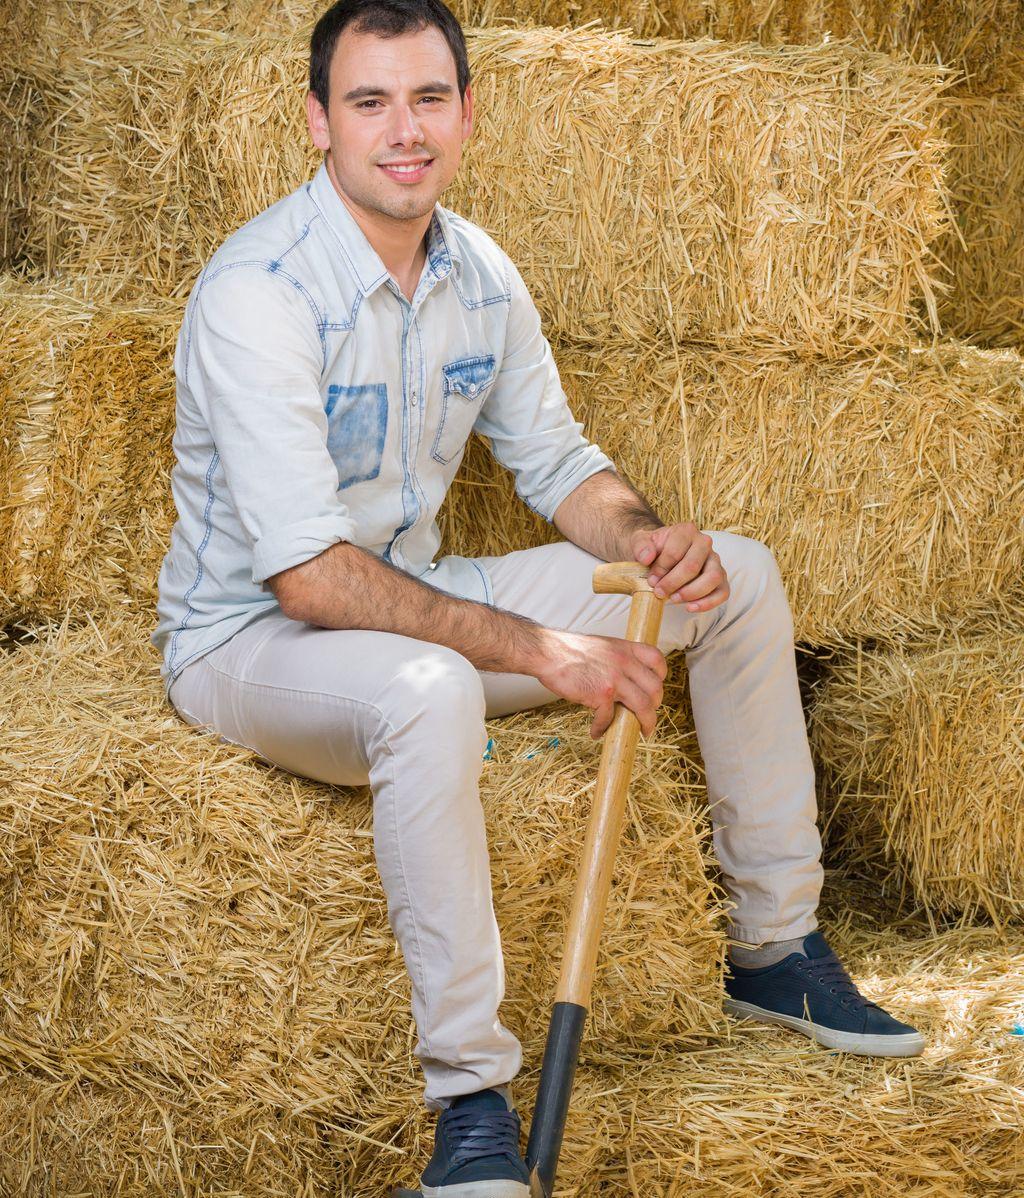 Lander (24), amante de las vacas y del Athletic